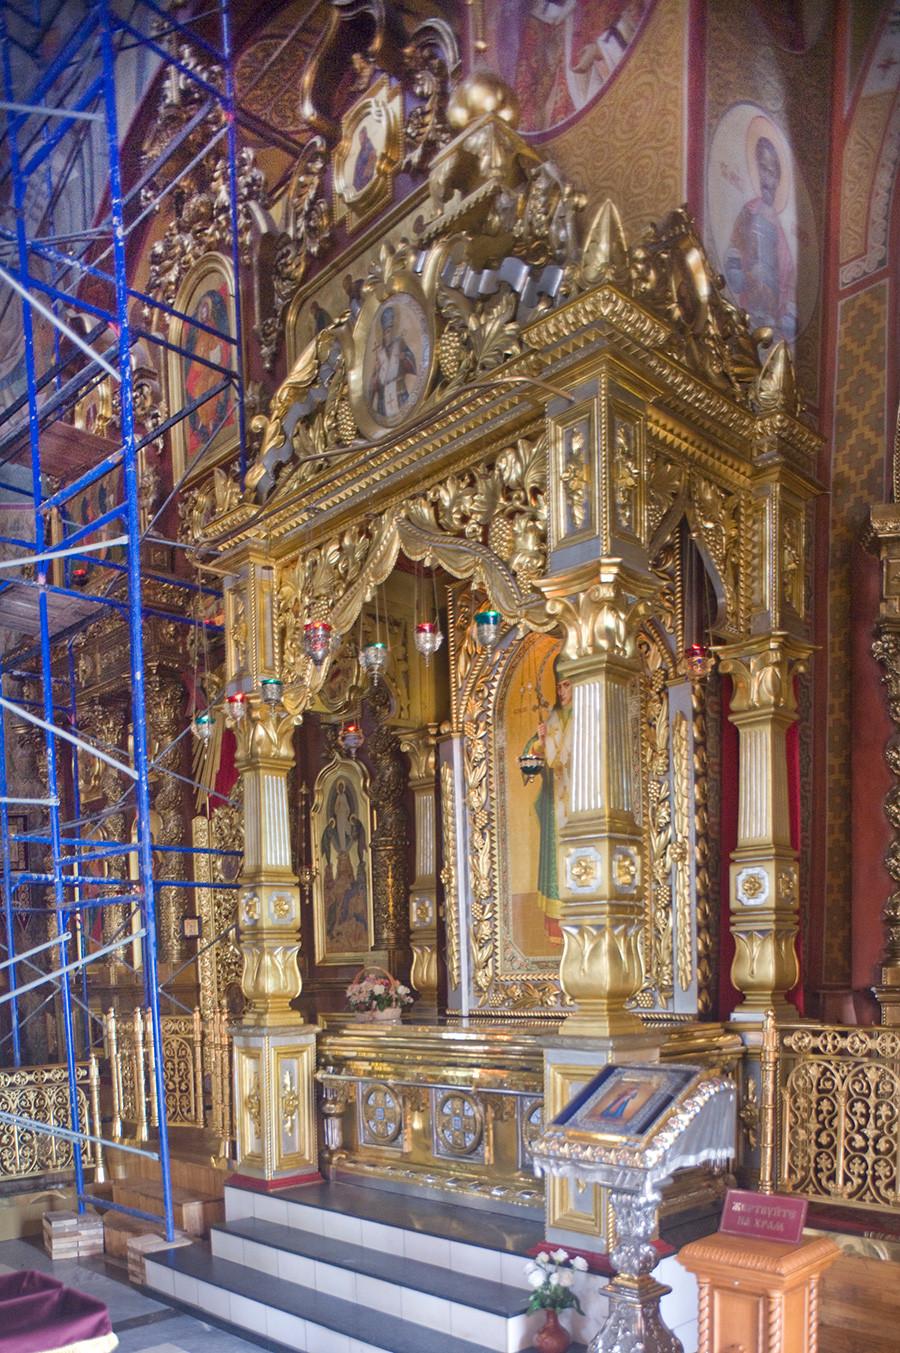 Cathédrale de la Transfiguration, baldaquin avec reliques de saint Ioassaph, évêque de Belgorod (reliques transférées du musée en 1991)